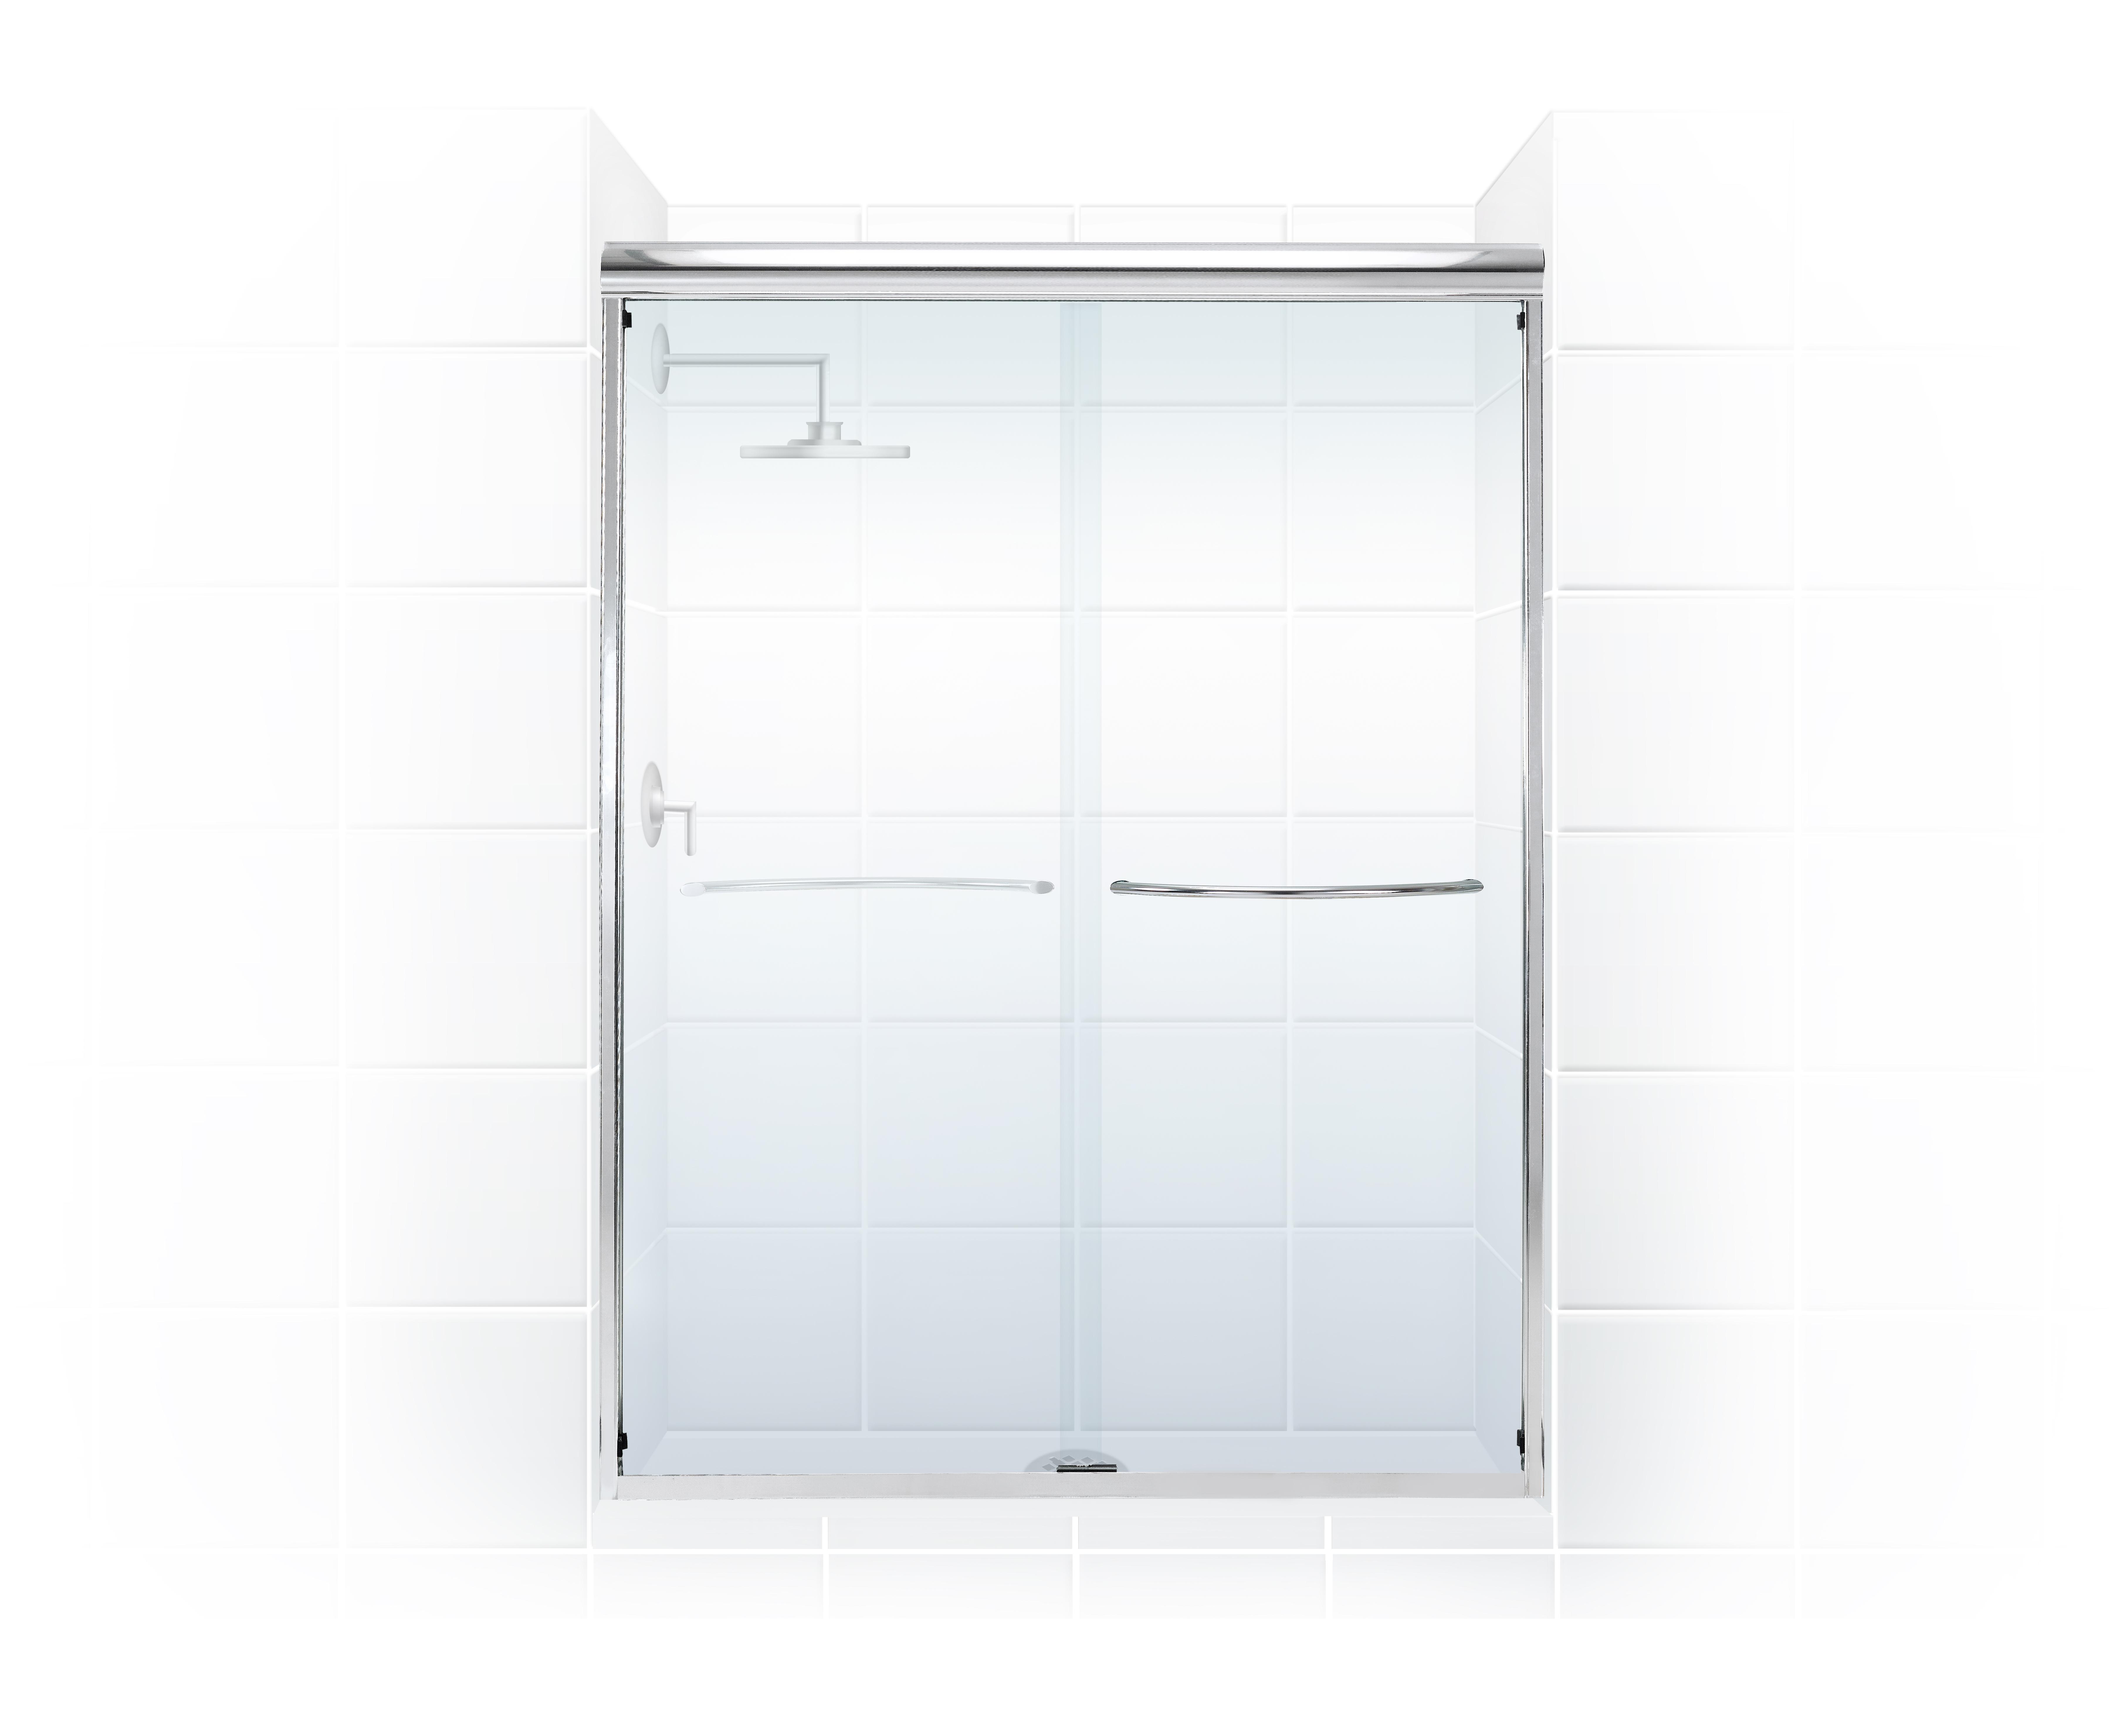 coastal industries paragon 3/8 frameless bypass shower door